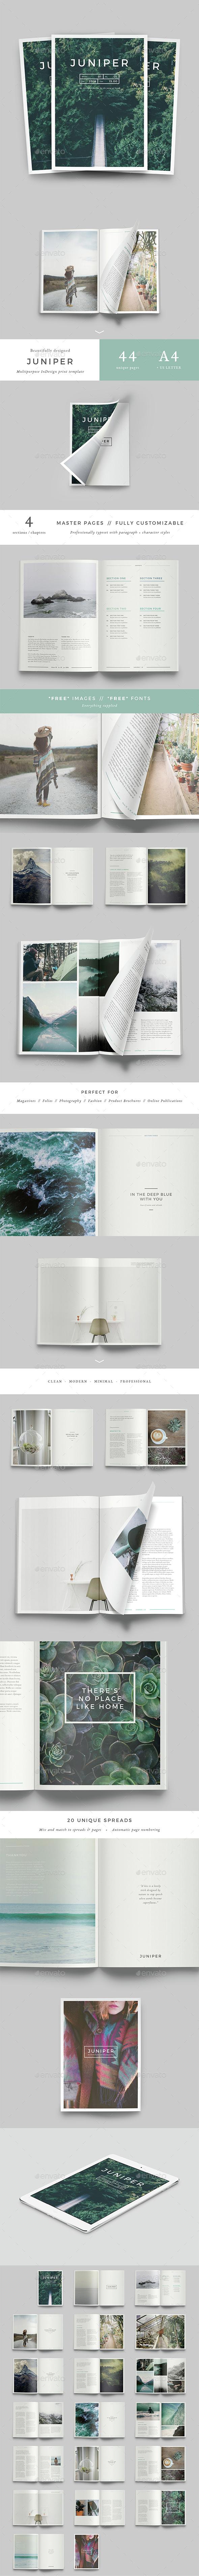 Juniper Magazine / Portfolio - Magazines Print Templates